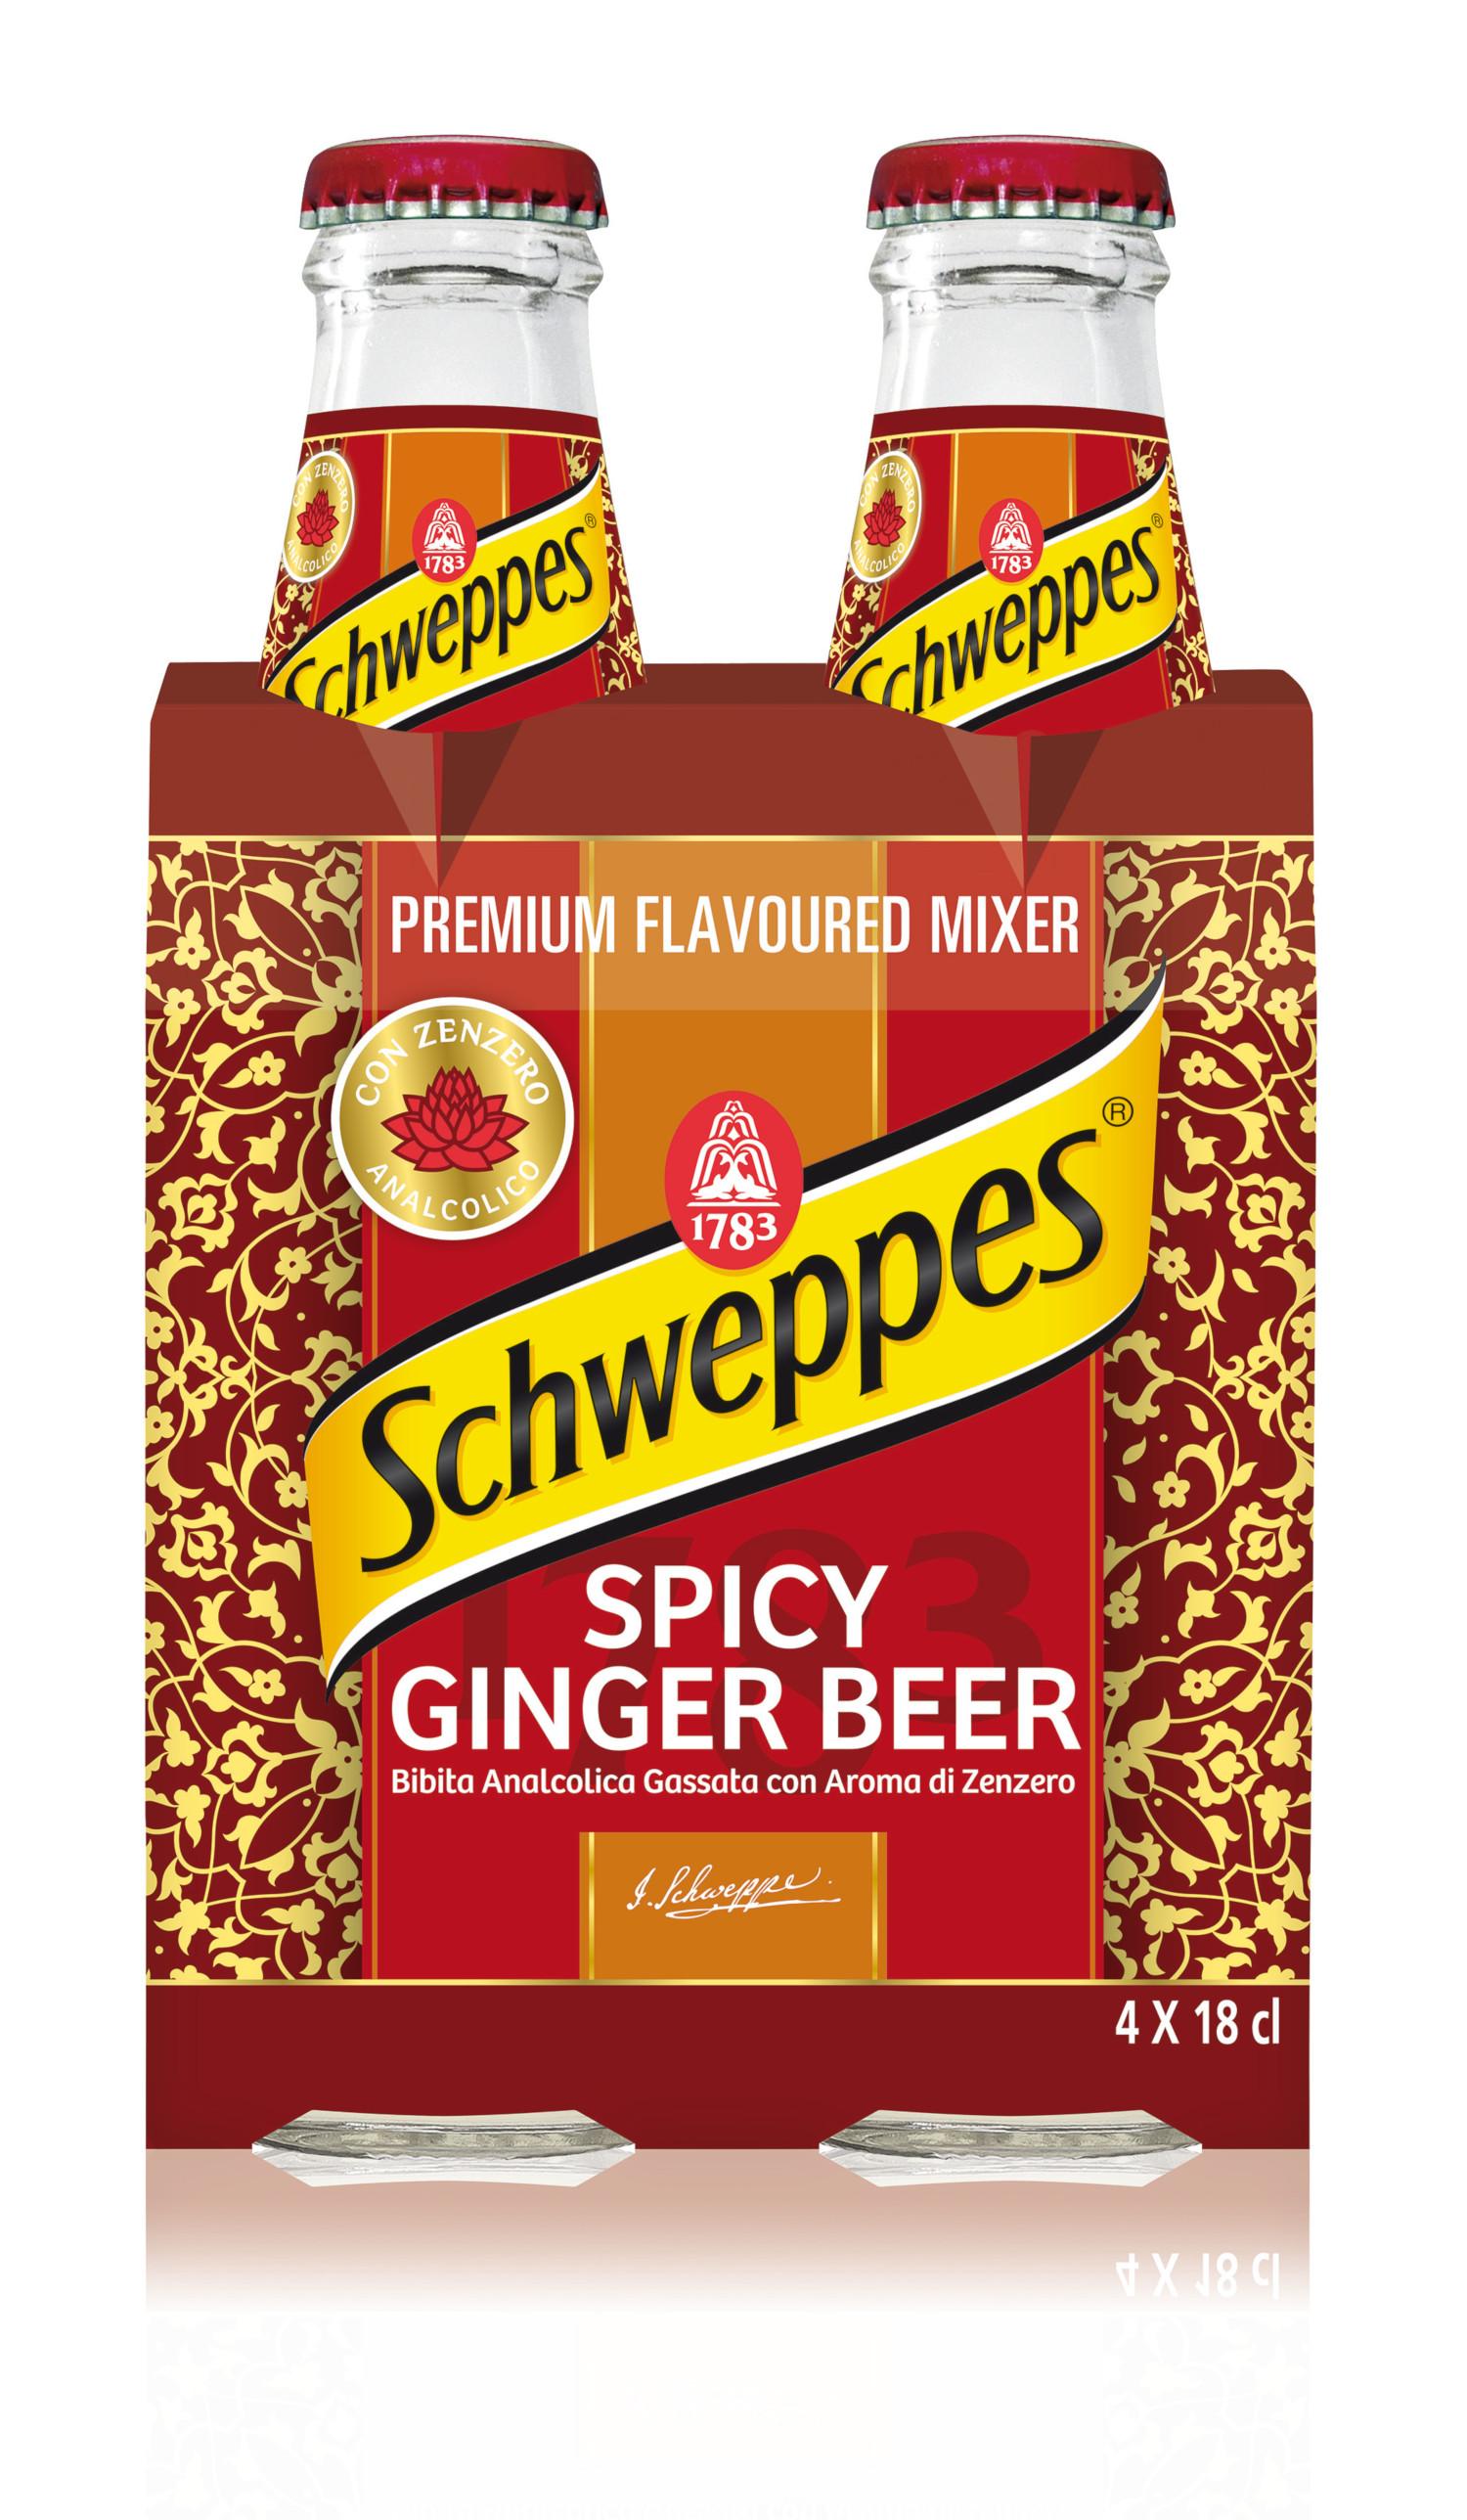 Novità da Schweppes: Componi il Spicy Ginger Beer